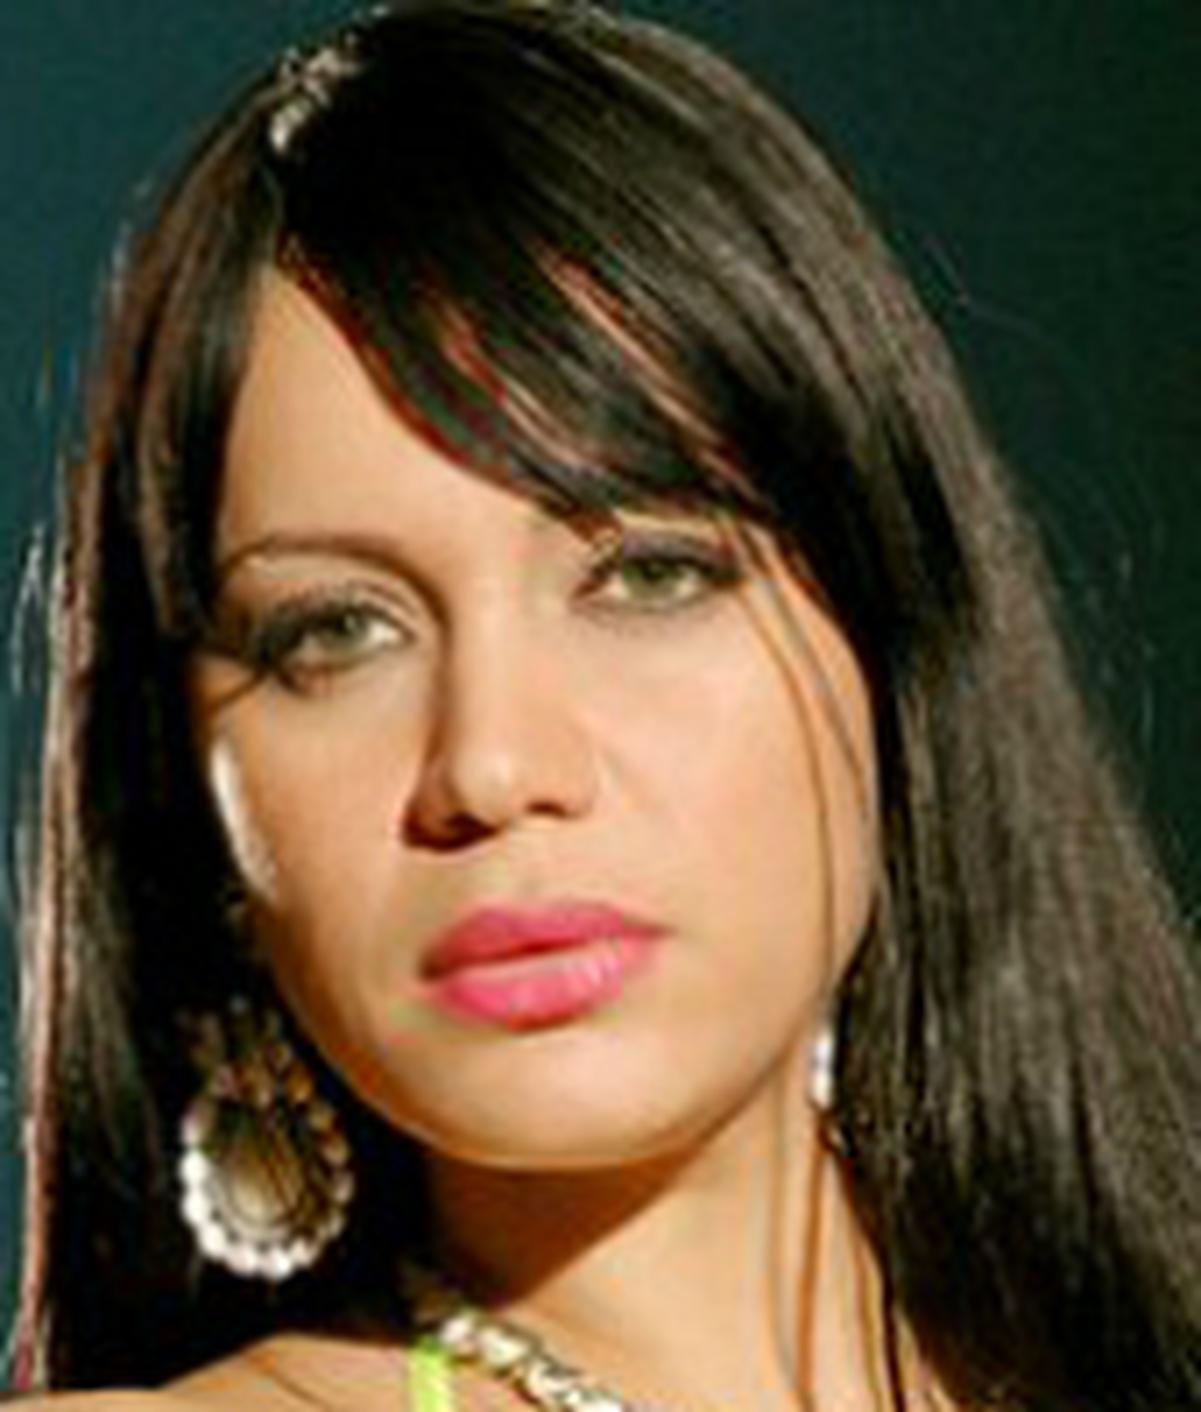 Samara Leite